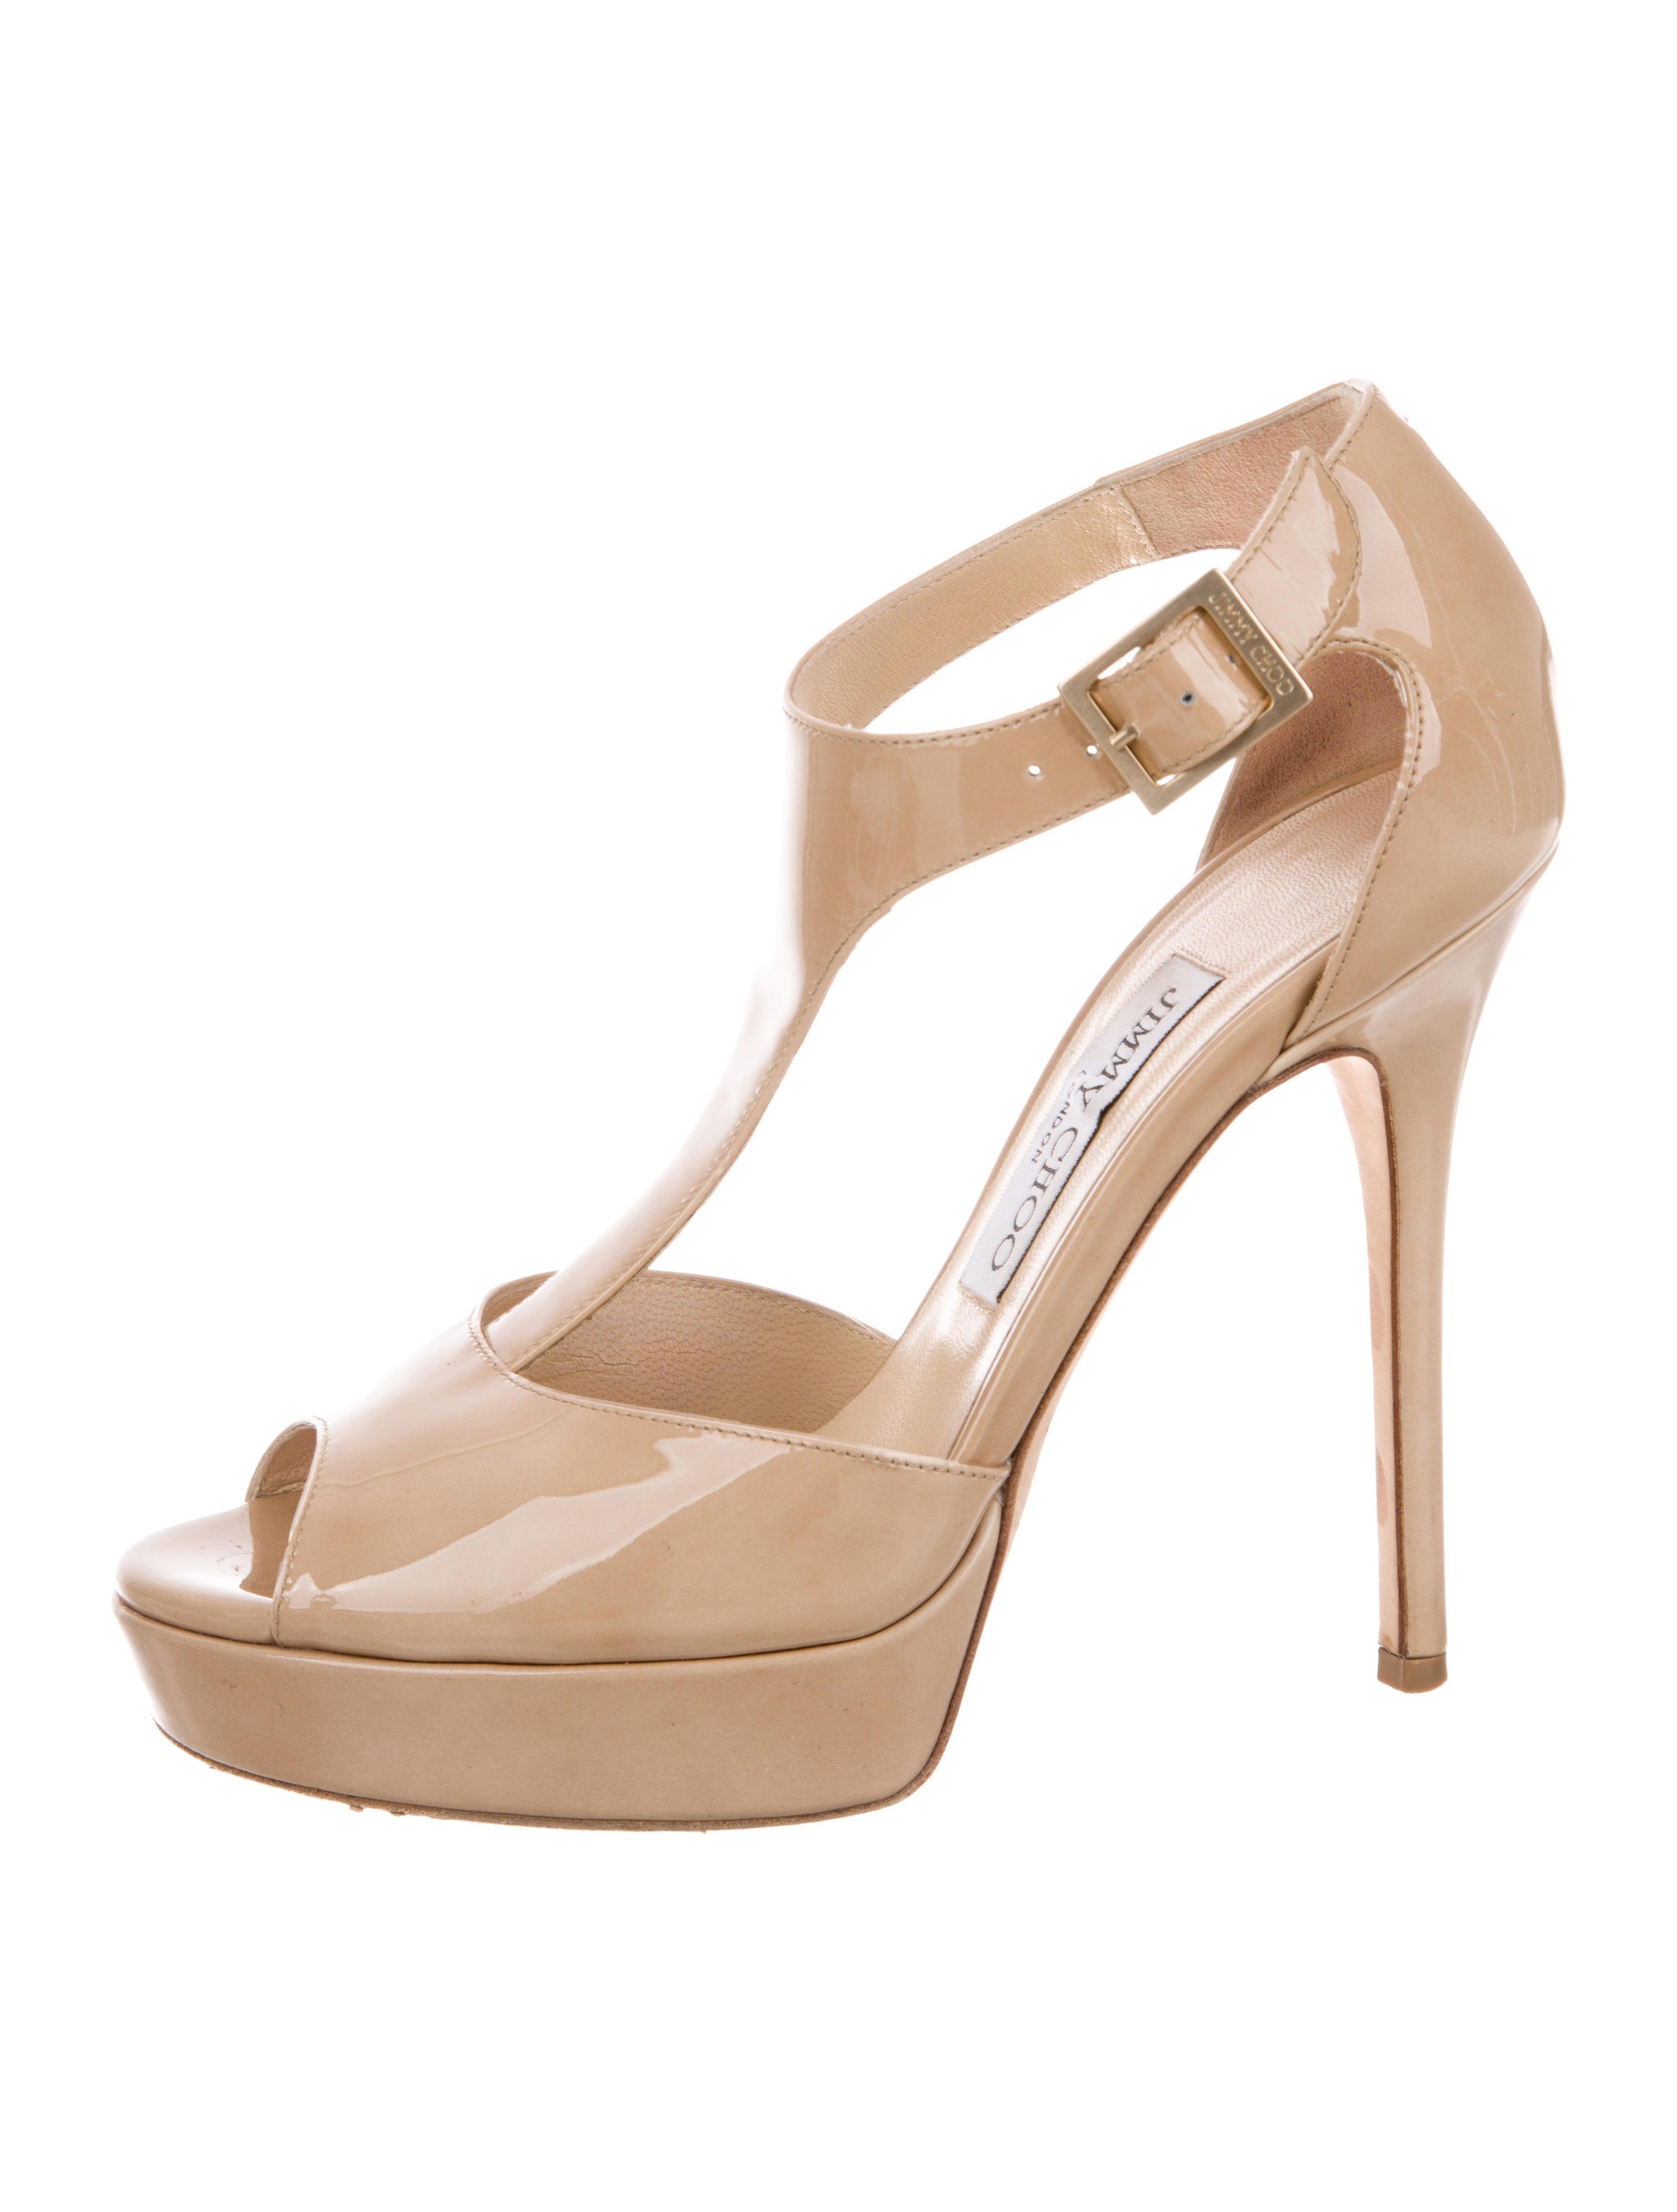 b1fcdded7140 Jimmy Choo Sandals